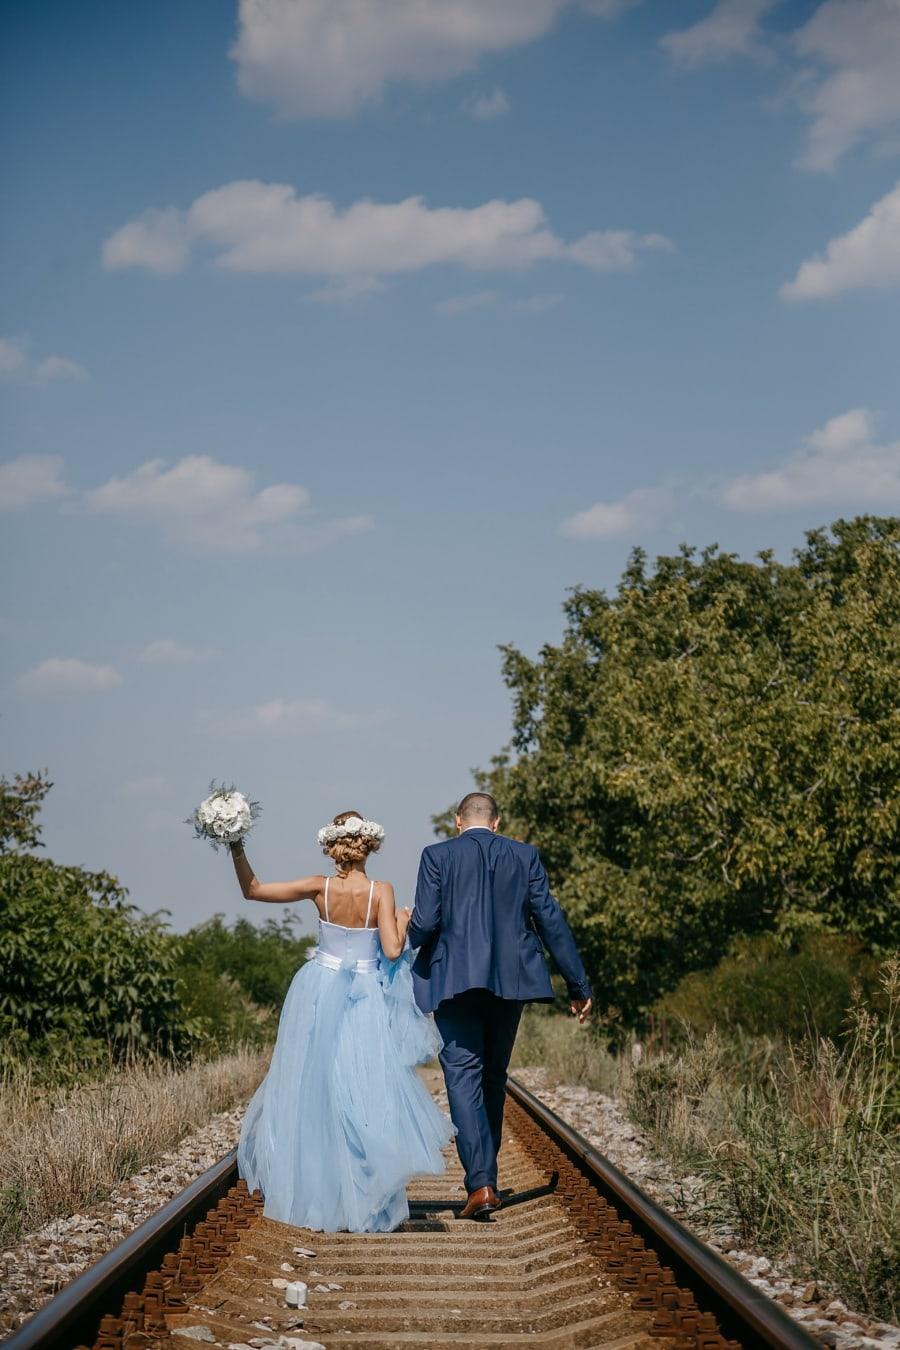 jeune marié, Gare ferroviaire, la mariée, tout juste marié, chemin de fer, mariage, jeune fille, amour, couple, engagement